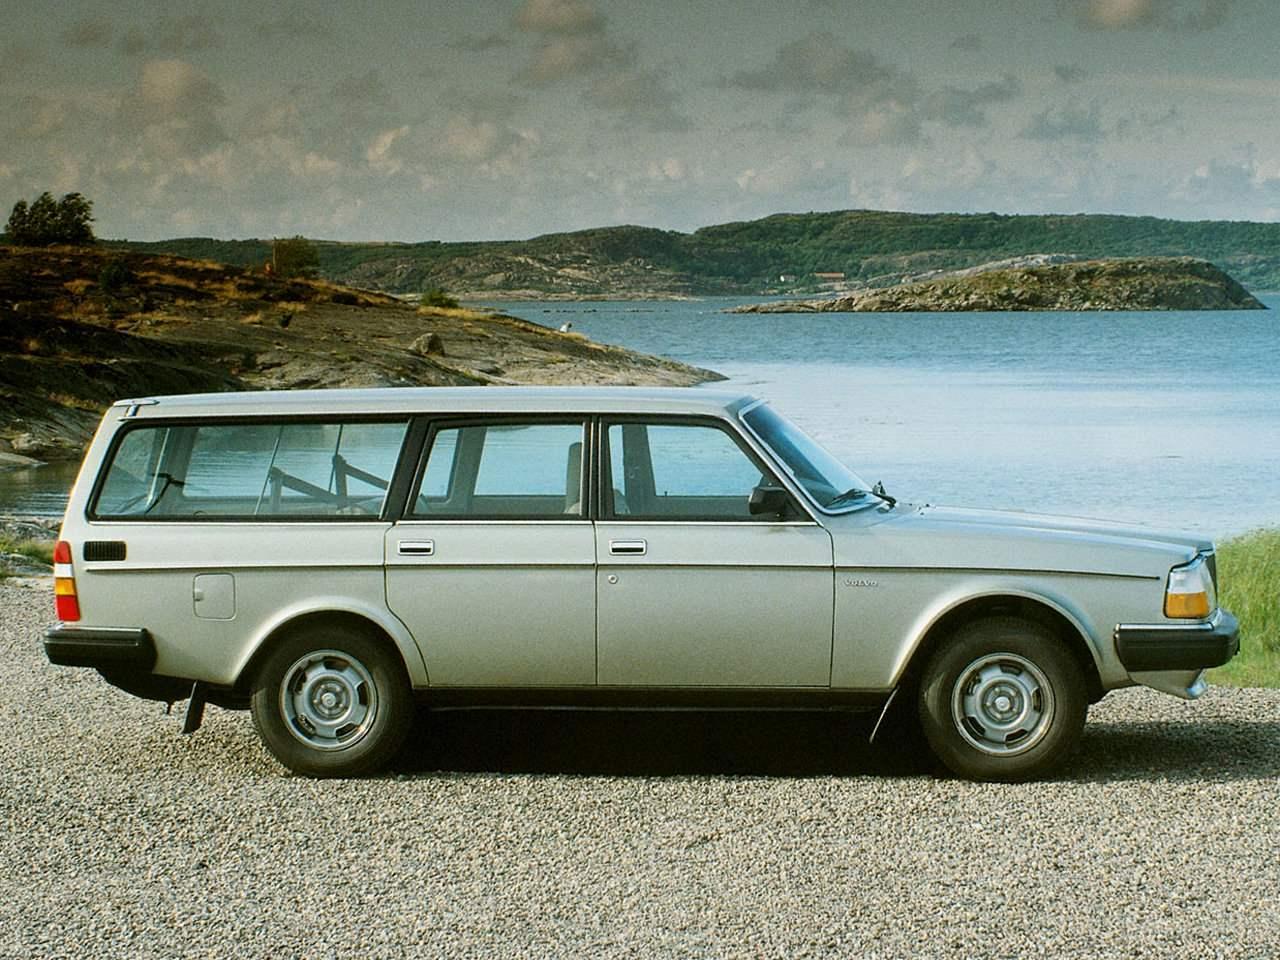 VOLVO 240 выпуска 1974 года, иркий представитель вольвовского «чемоданного» стиля в автодизайне. Находился в производстве до 1993 года